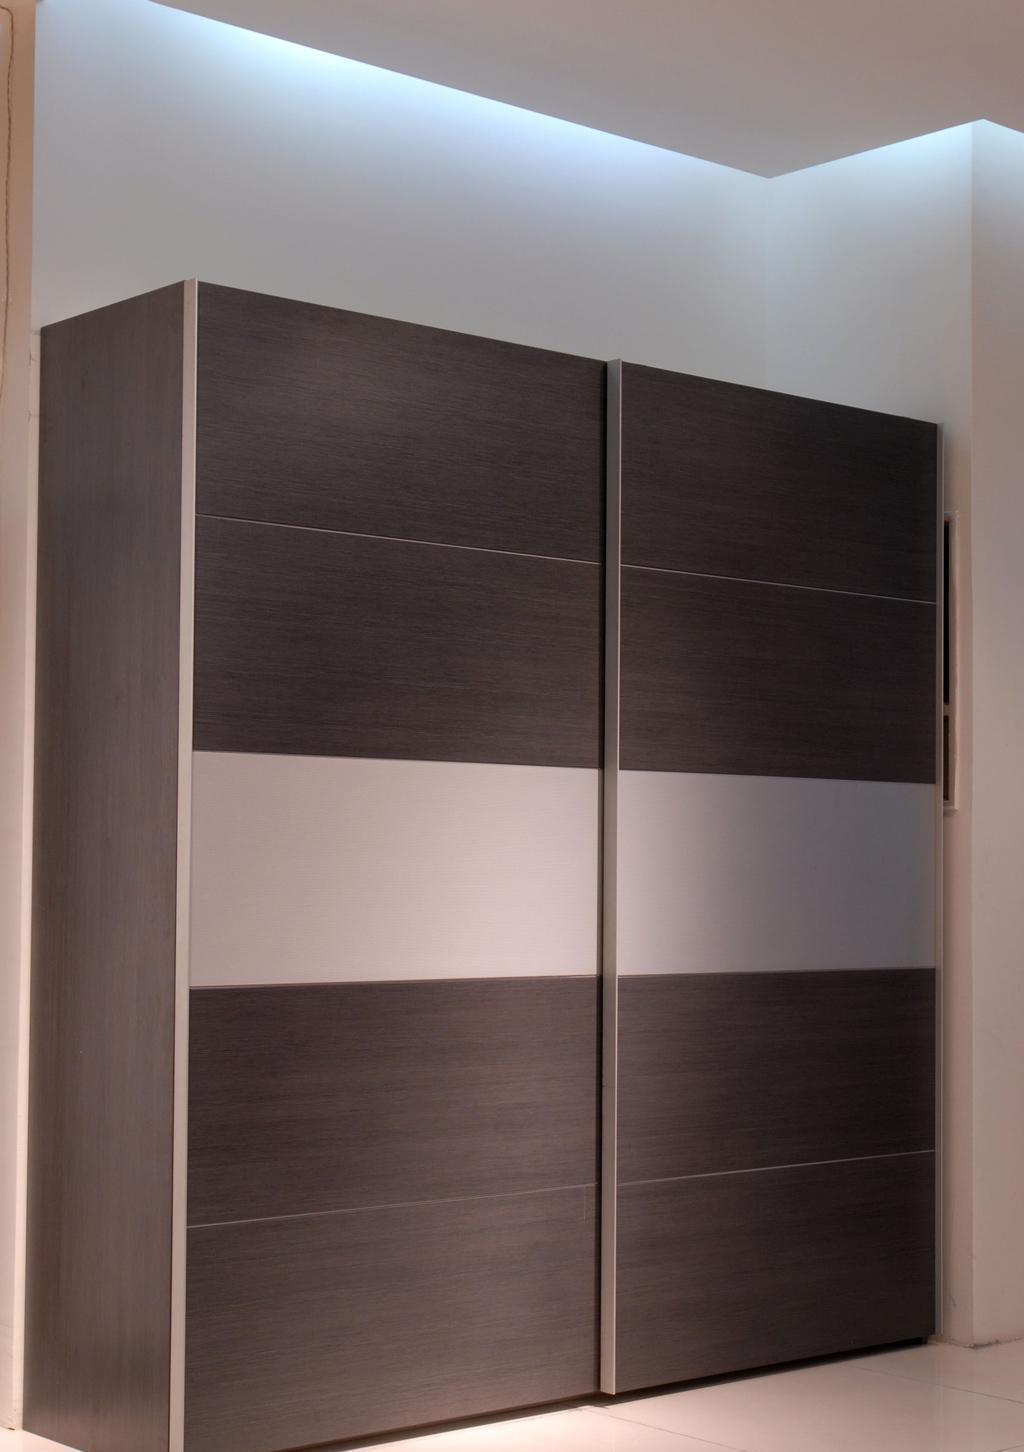 国安佳美衣柜 灰拉丝系列23A4901+A-M01A4901+A-M01